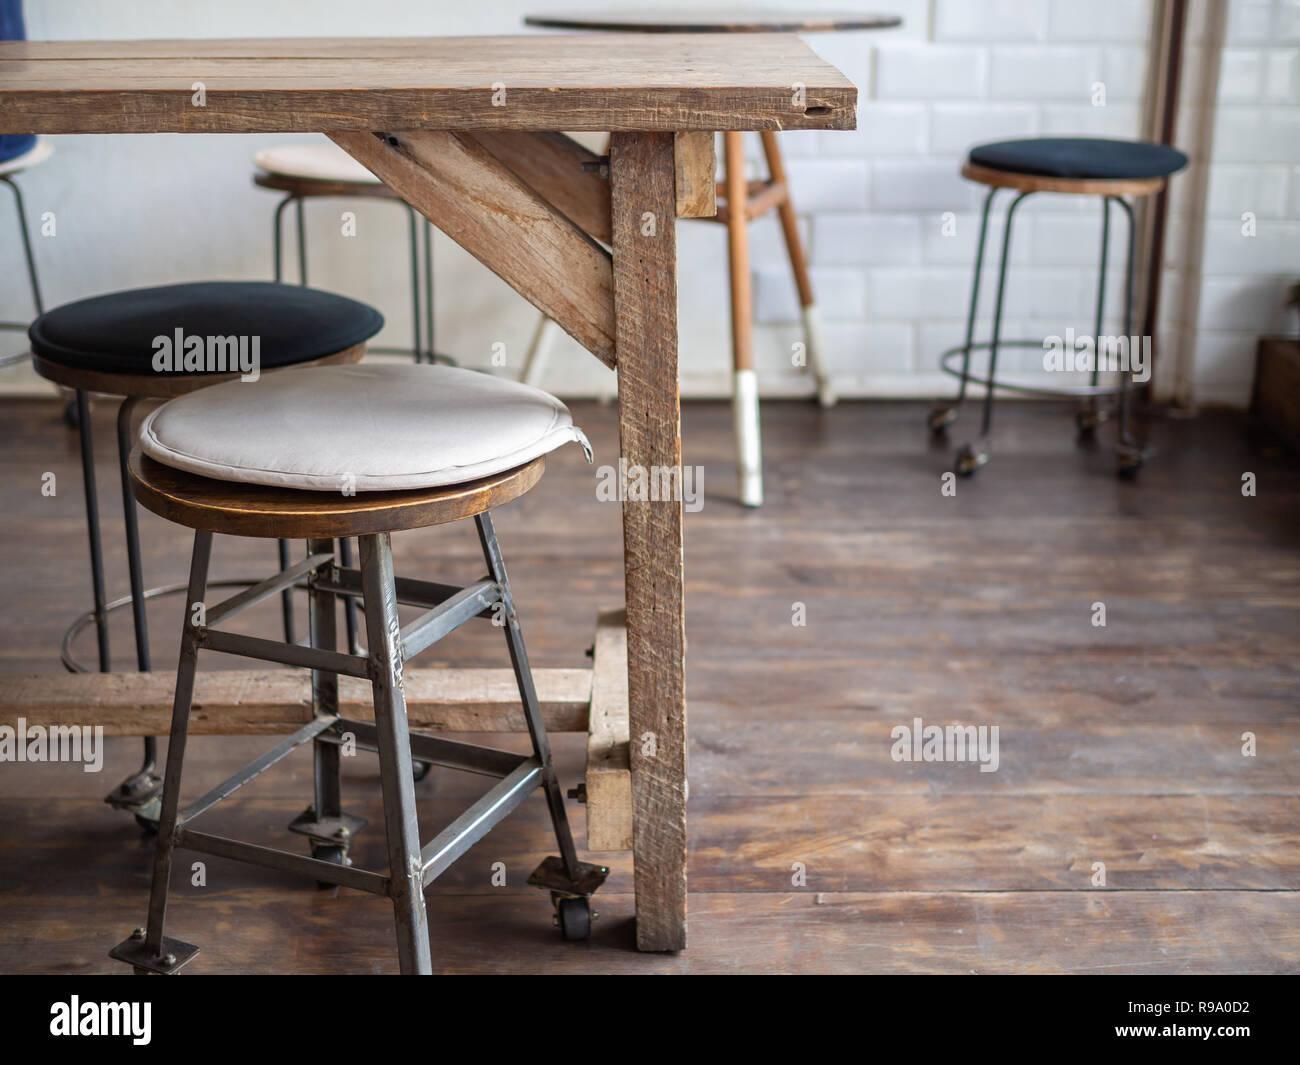 Vecchio vintage ferro e legno sgabelli bar con ruote di bianco e